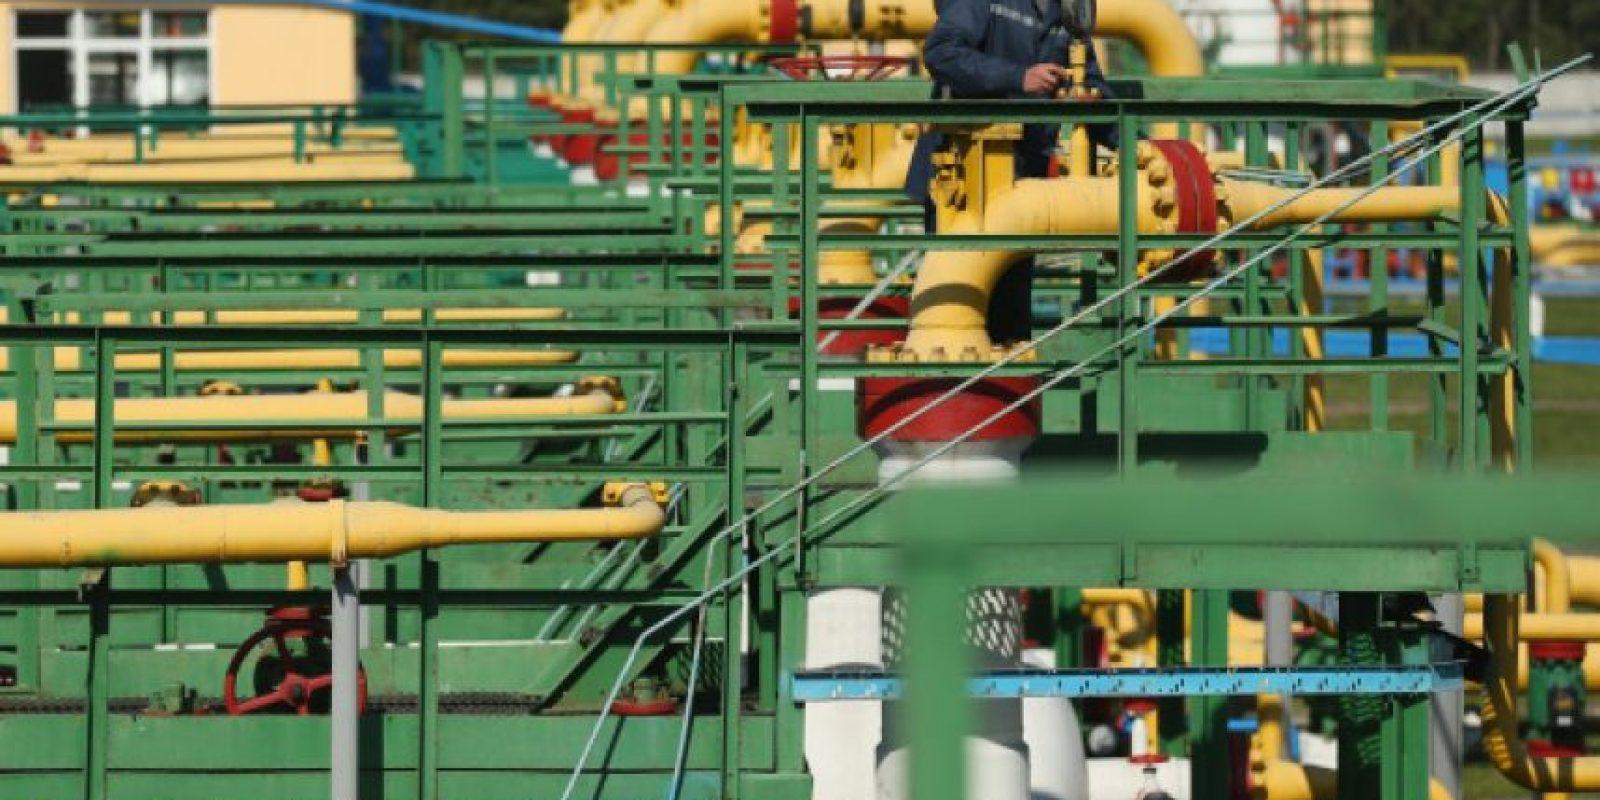 La economía de Ucrania se ha visto afectada. Foto:Getty Images